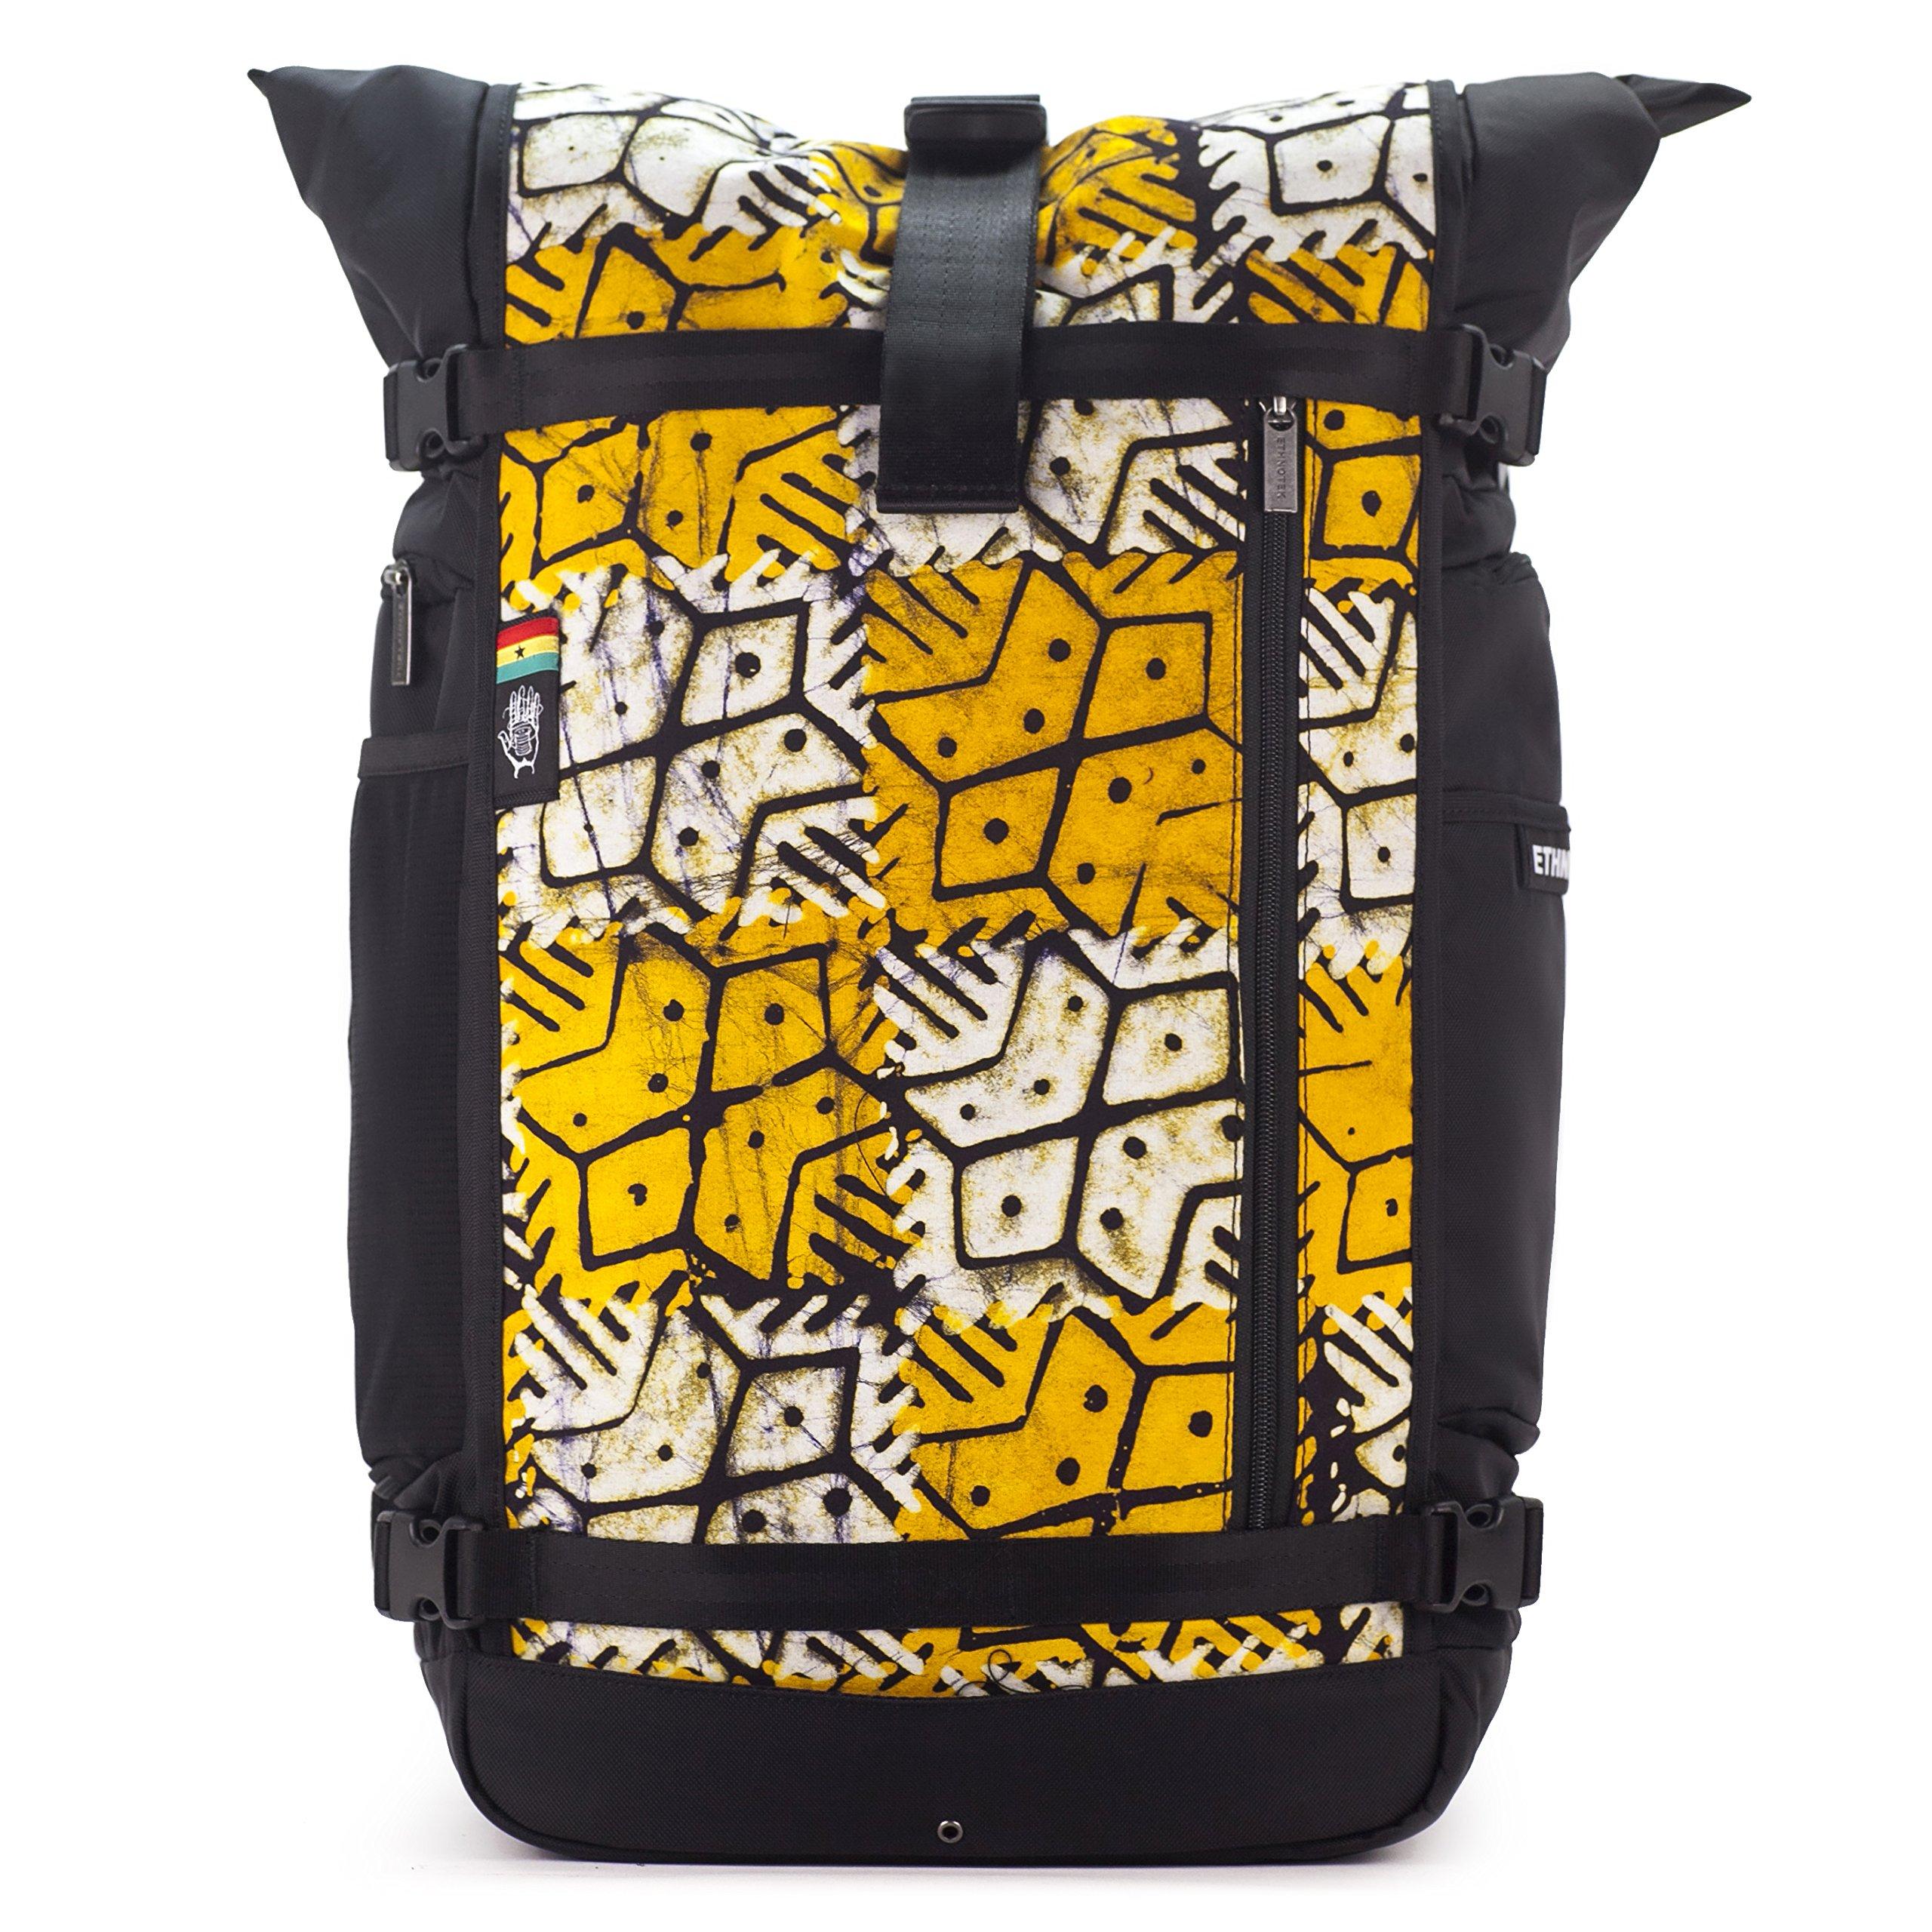 Ethnotek Raja Large Travel Backpack for Women   Hand Woven Fabric   Ghana 22